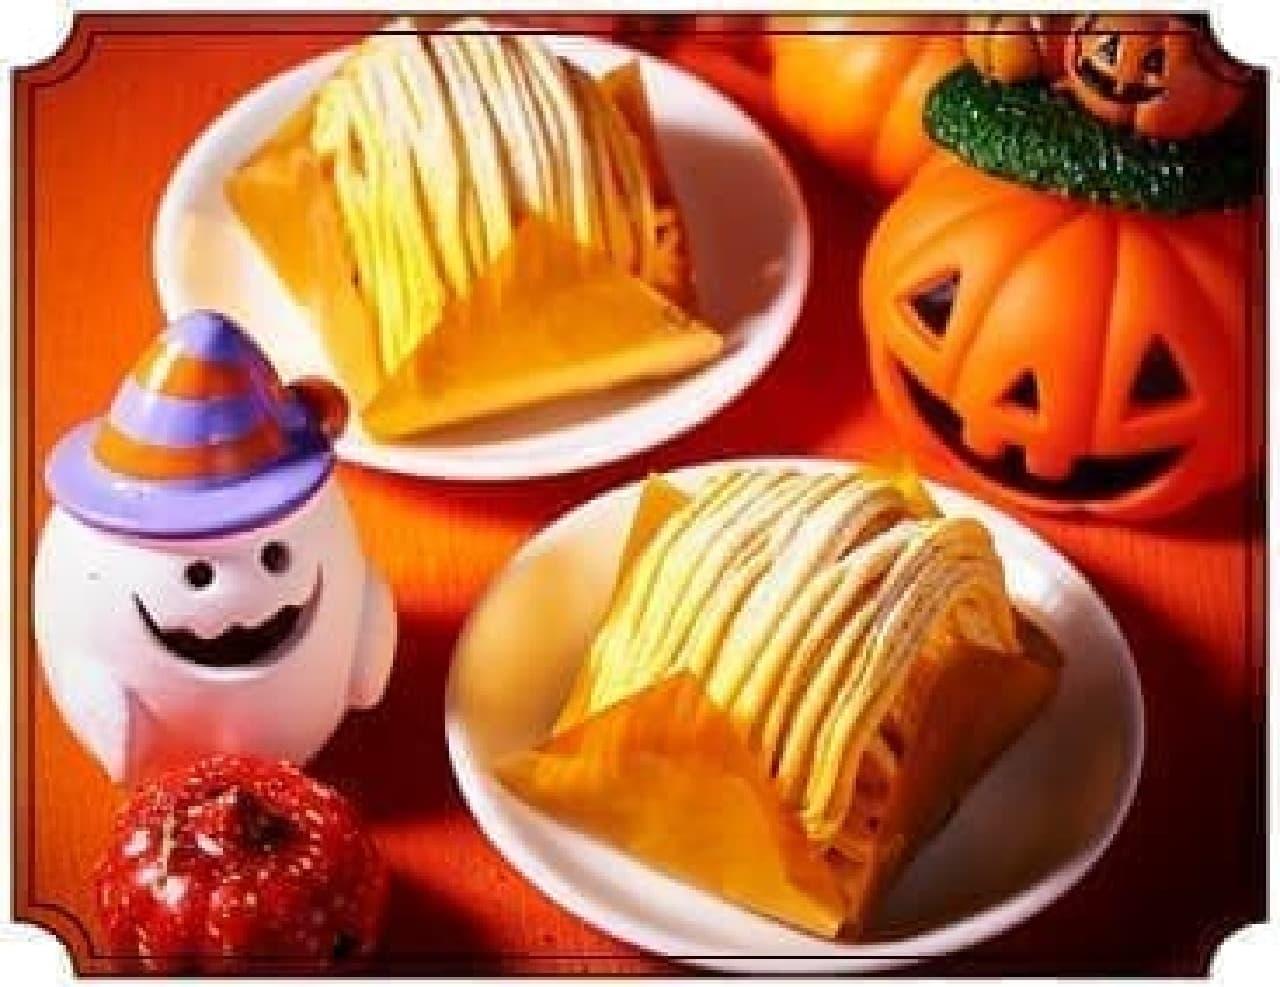 セブン-イレブン「かぼちゃのモンブラン」